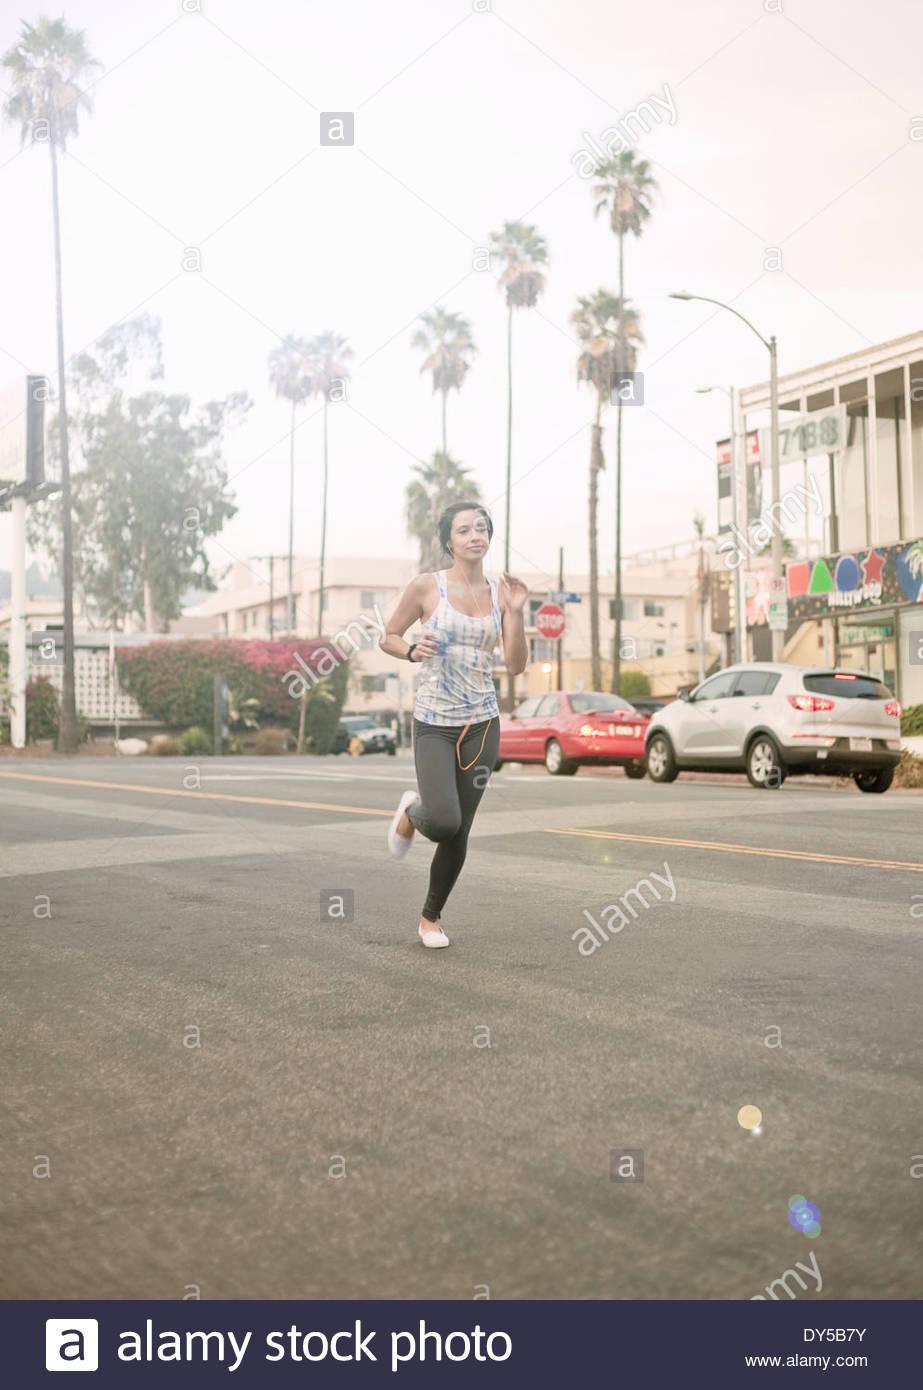 Joven Mujer atlética girando en la carretera Imagen De Stock